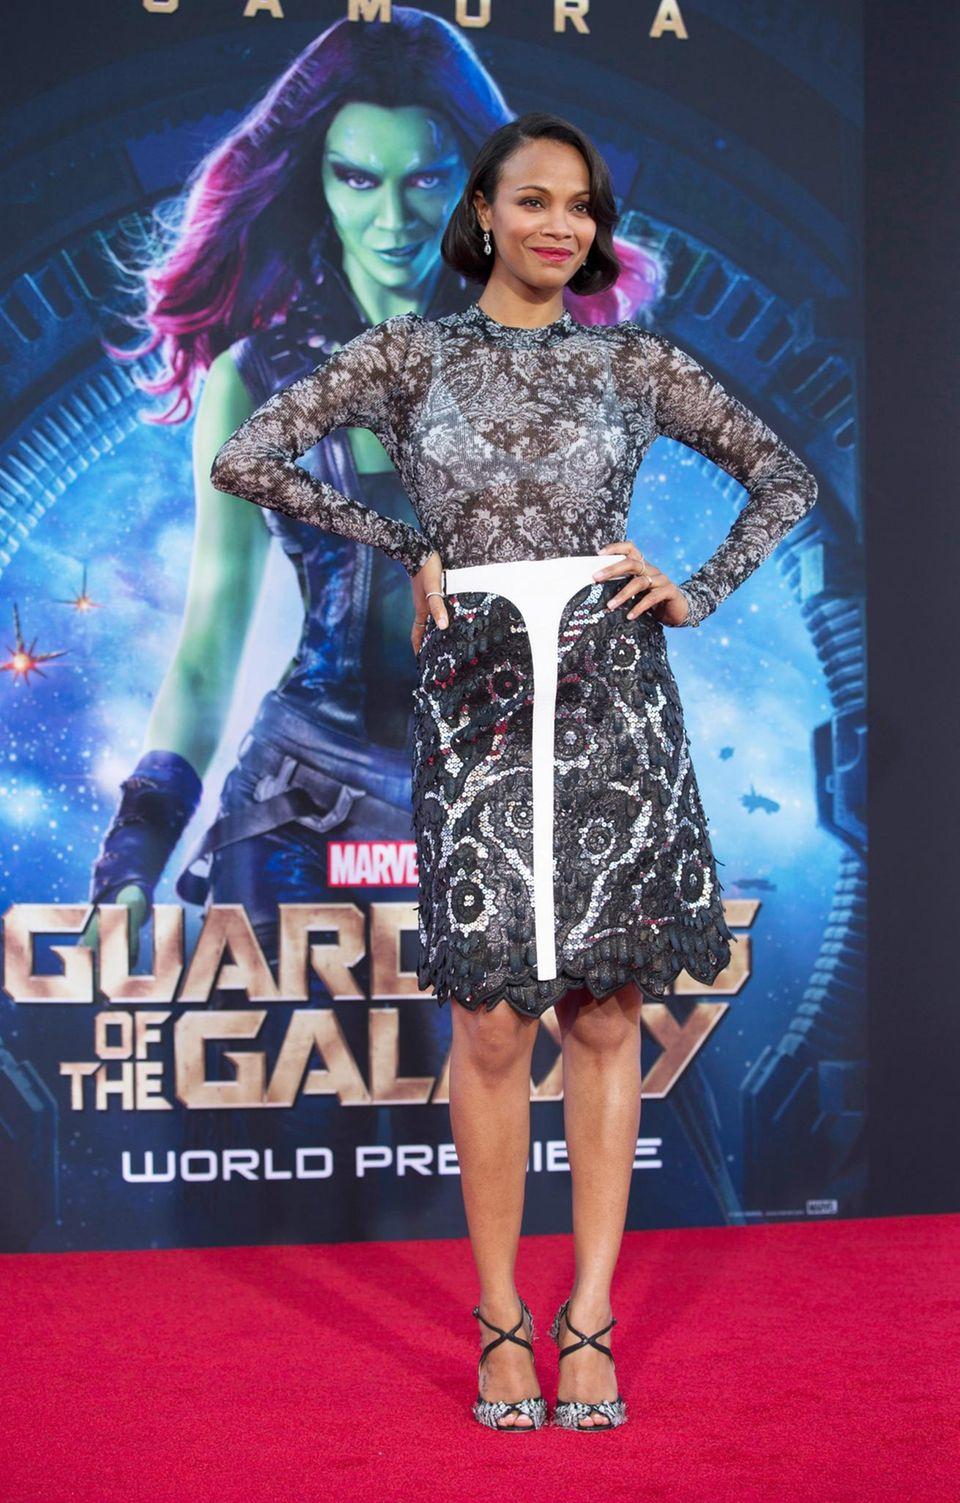 Zoe Saldana trägt zur Premiere ein Outfit von Louis Vuitton.